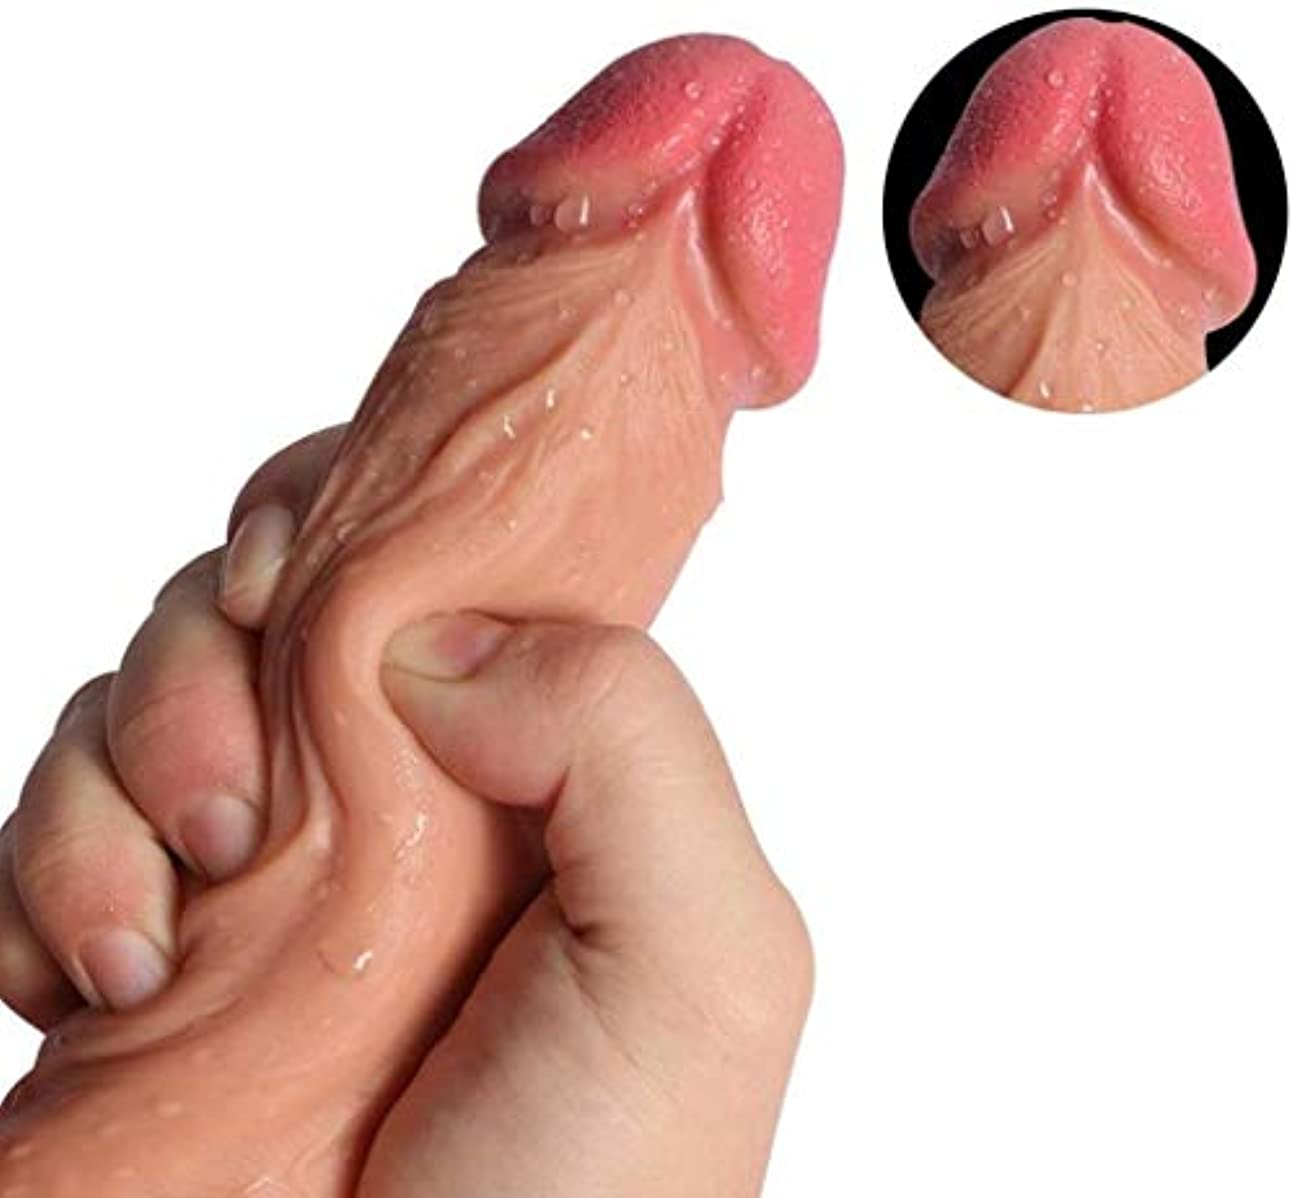 テレマコス従者オーブンマッサージハンズフリープレイ用吸盤付き超柔らかい現実的な玩具、初級トレーナー - 初心者のための適切な